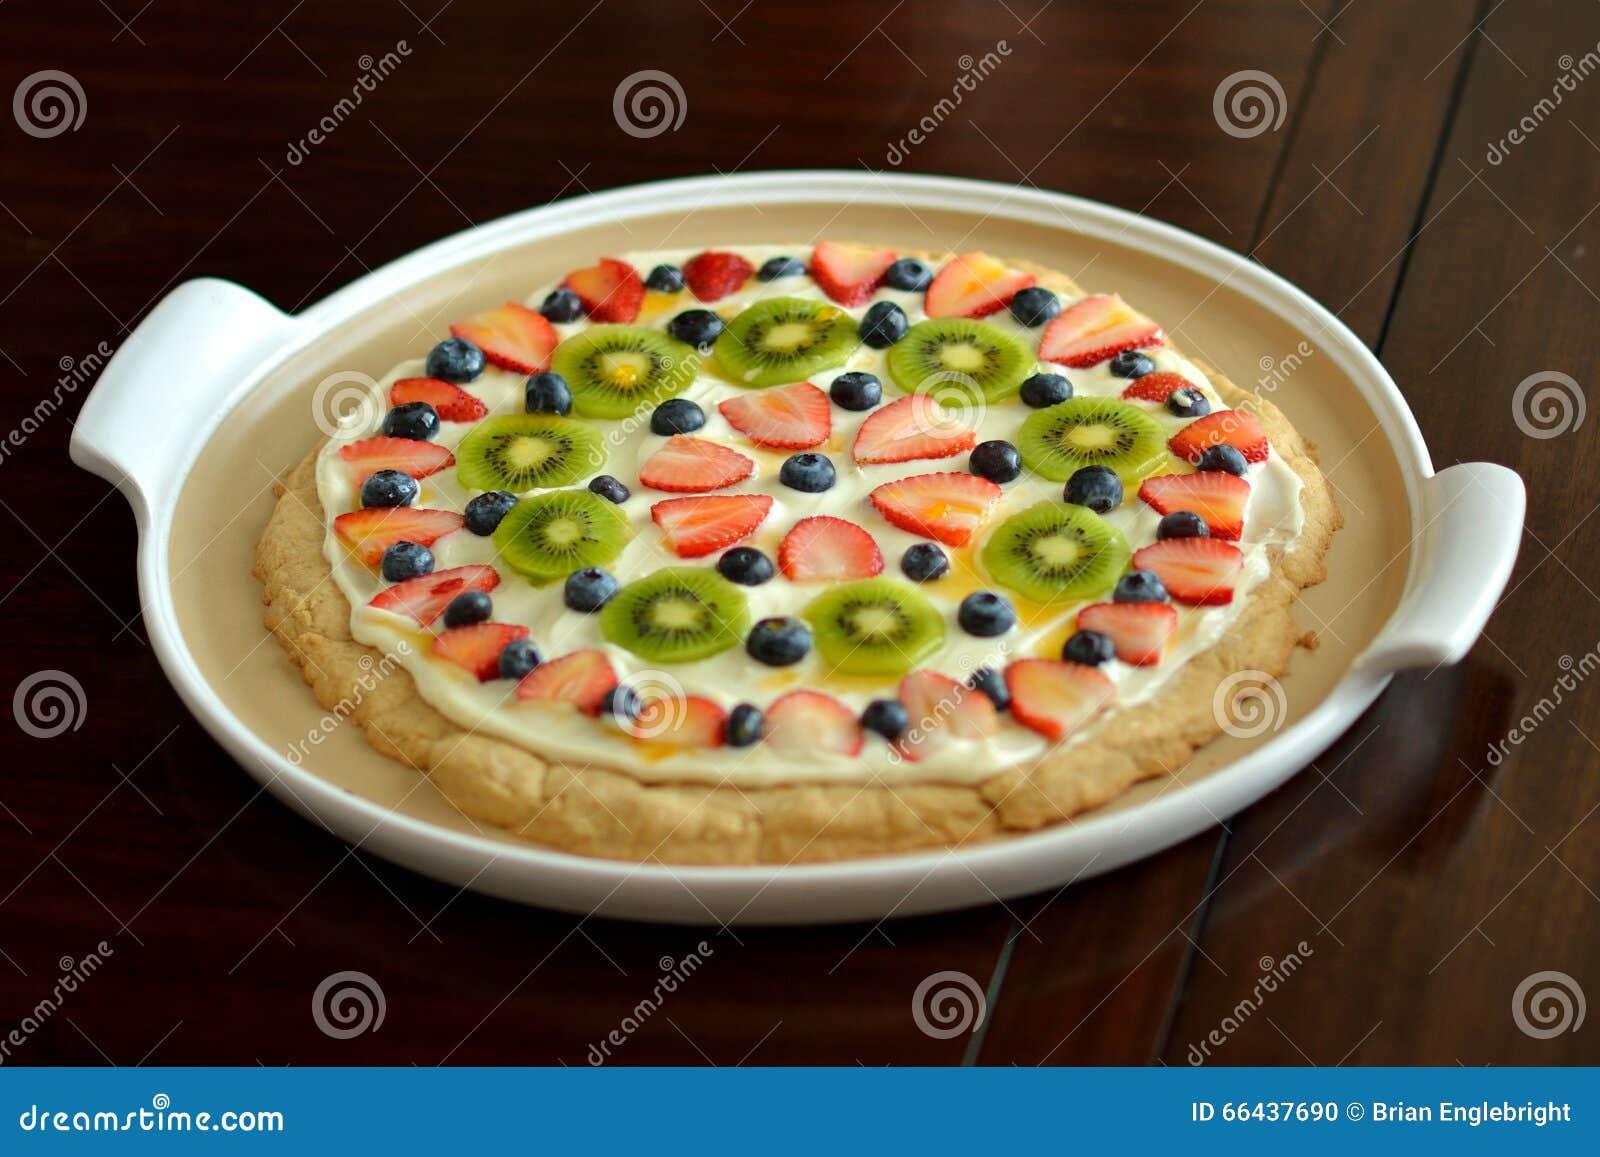 Owocowy Deserowy ciastko